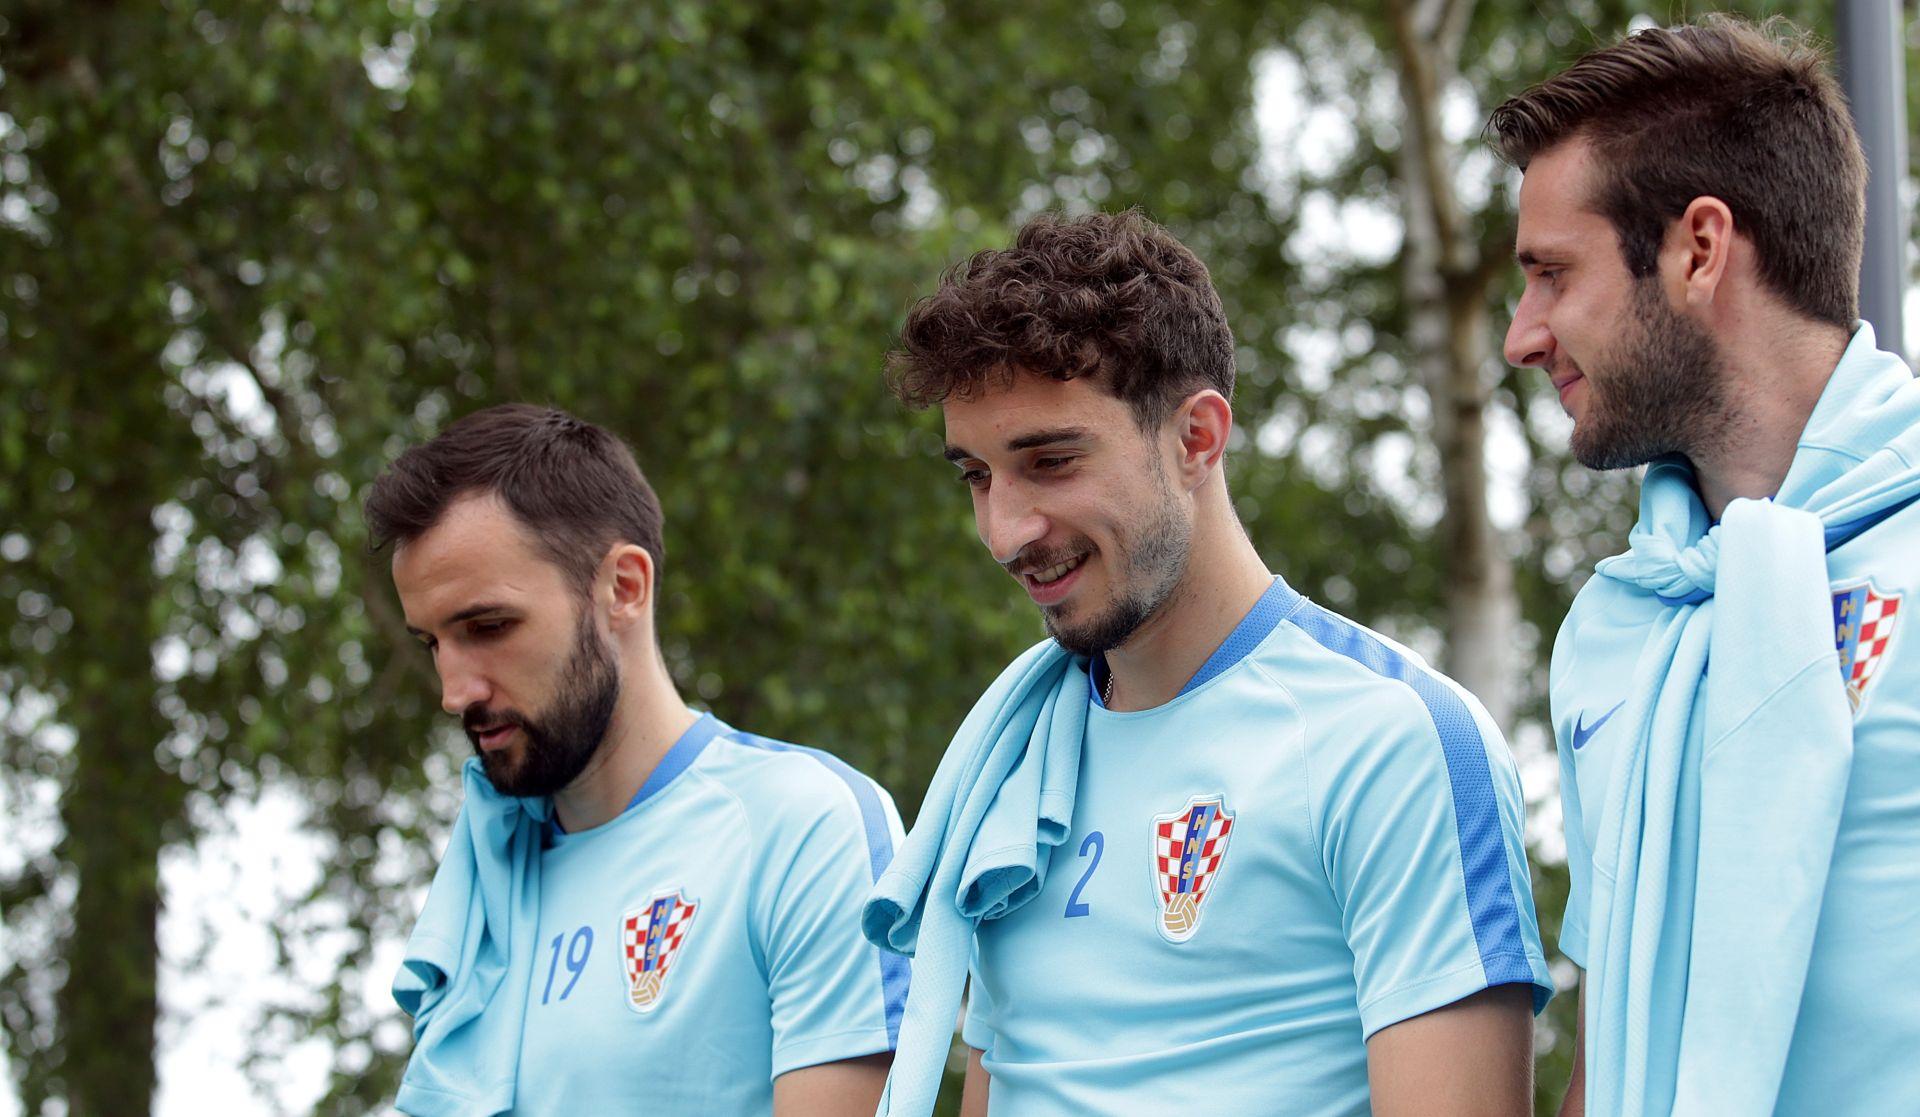 GAZZETTA OBJAVILA Šime Vrsaljko potpisao za Atletico, Sassuolu 18 milijuna eura